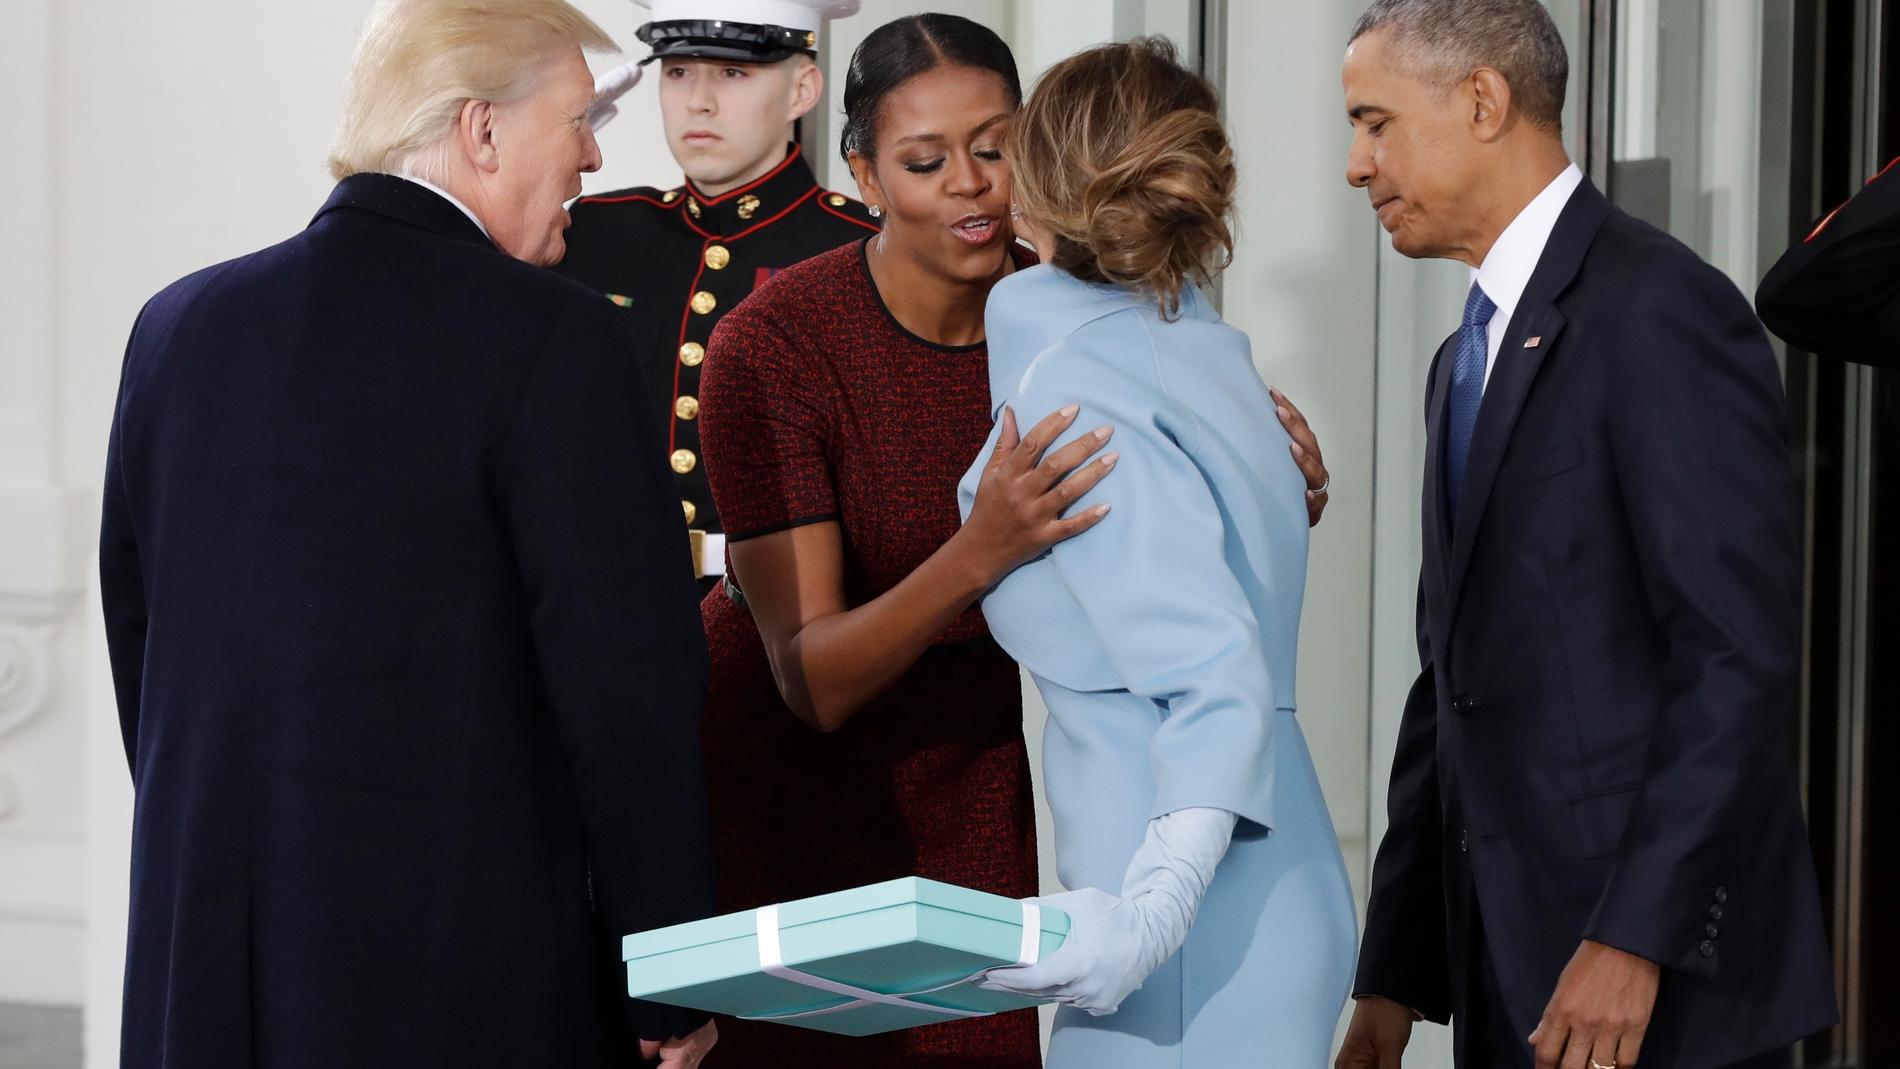 Melania Trump ofreciendo un regalo a Michelle Obama